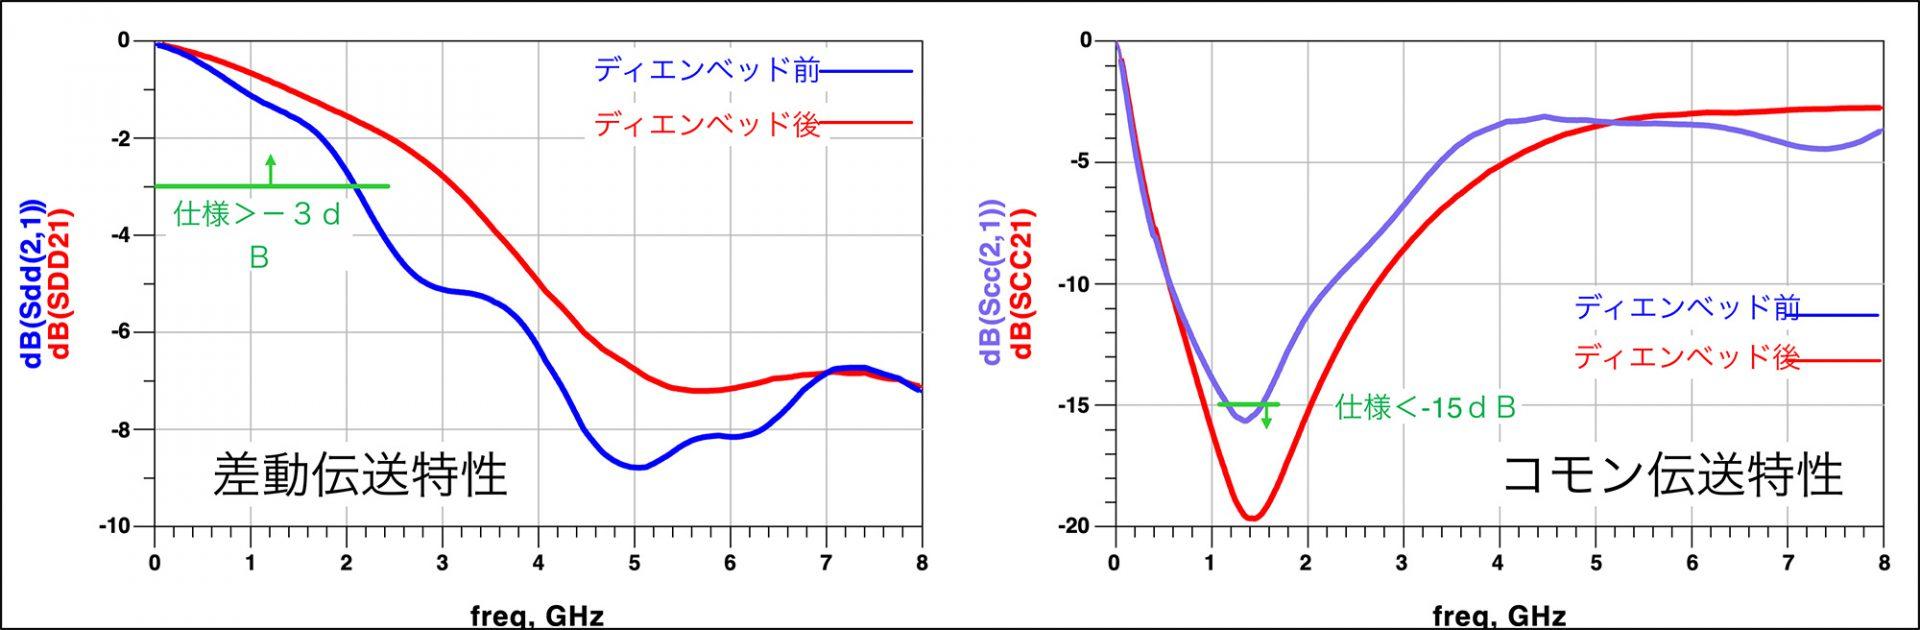 図3. ディエンベッド処理を用いた治具特性除去例